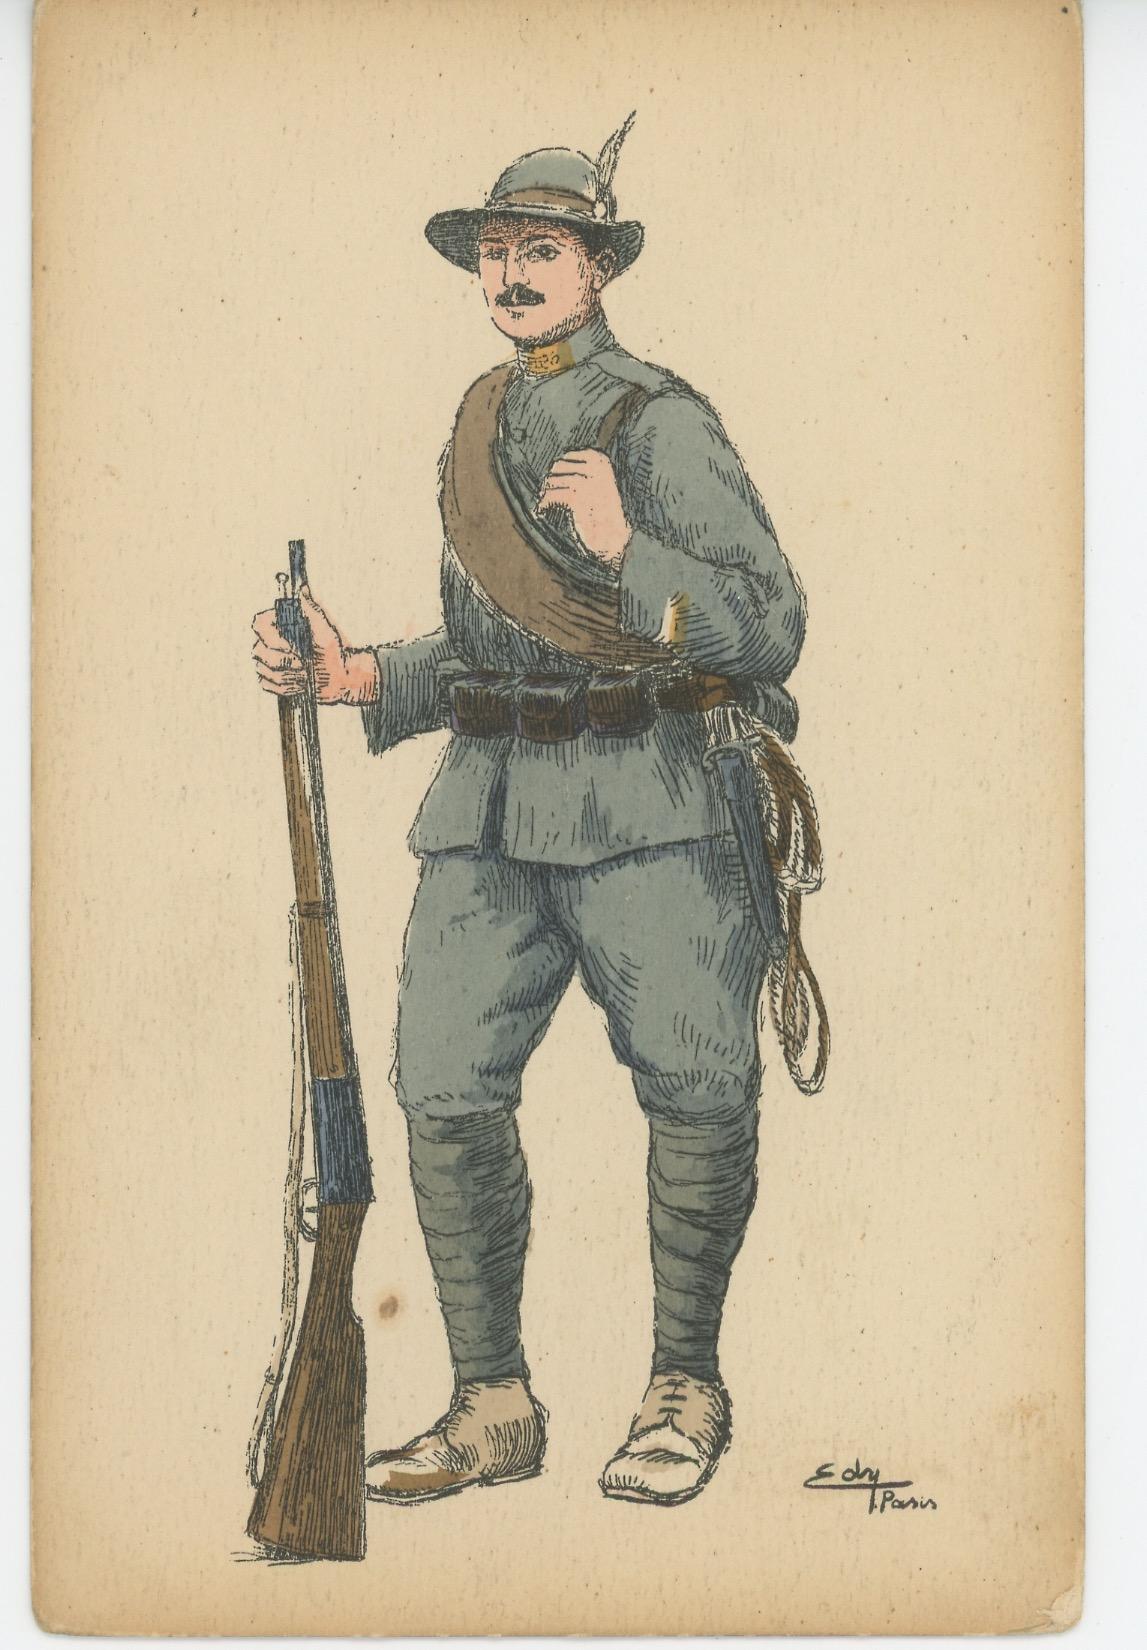 Carte Postale Illustrée - Chasseur Alpin Italien - 1915